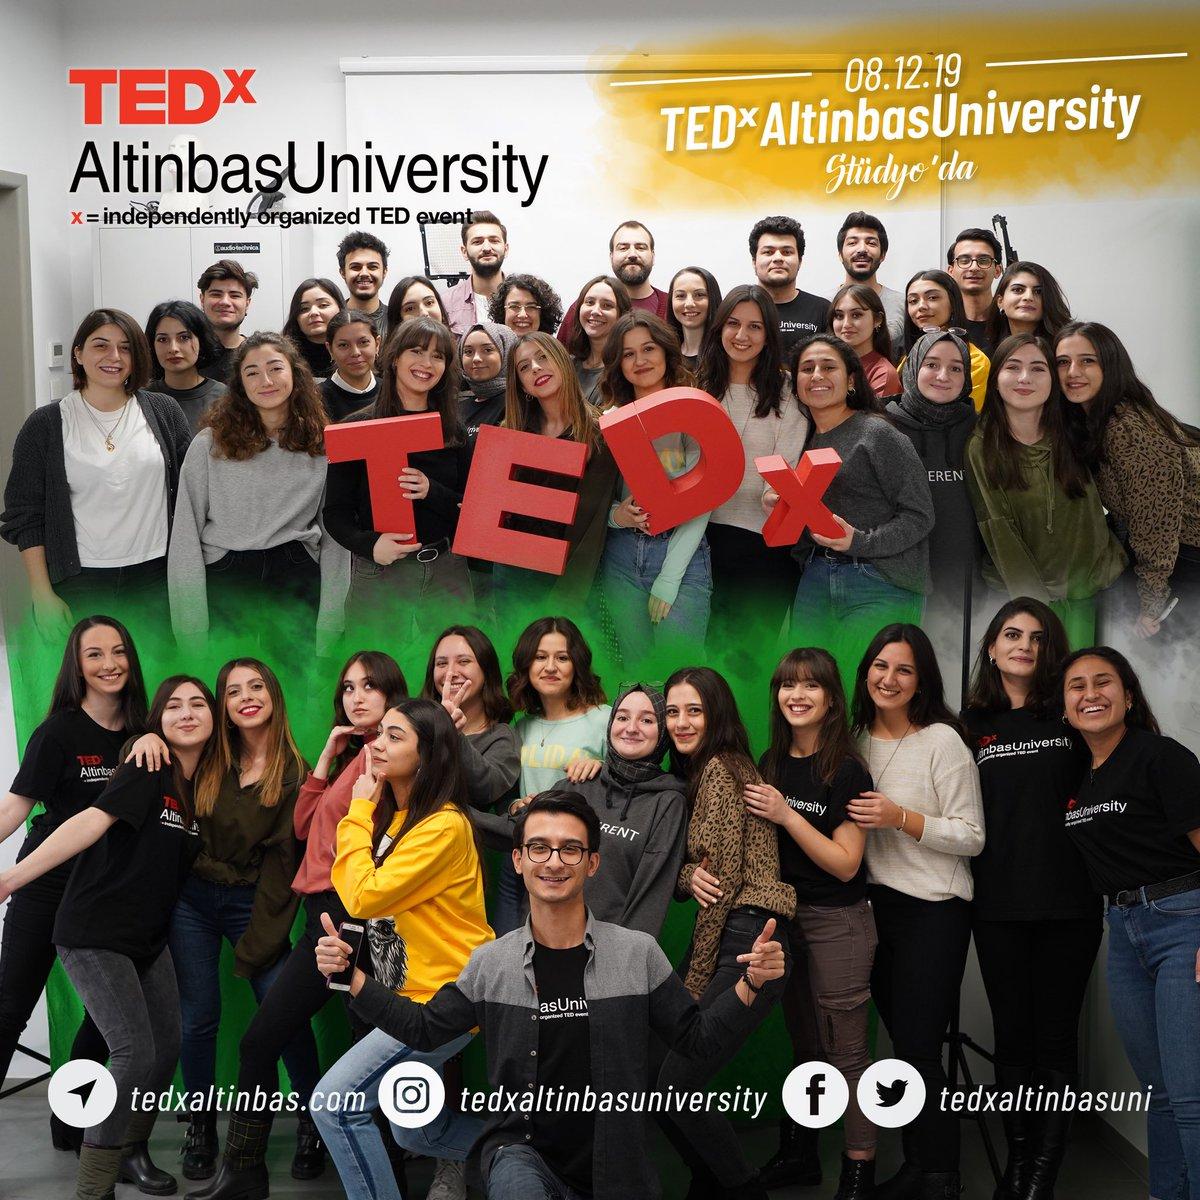 """TedxAltinbasUniversity ailesi olarak, dün hem fotoğraf çekimimizi hemde Perde Arkası etkinliğimiz için genel toplantımızı gerçekleştirdik. Geçen yıl gerçekleştirdiğimiz """"B Planı"""" temalı etkinliğimizde gerçekleşen birbirinden ilham veren konuşmalardan sonra, bu yılda"""